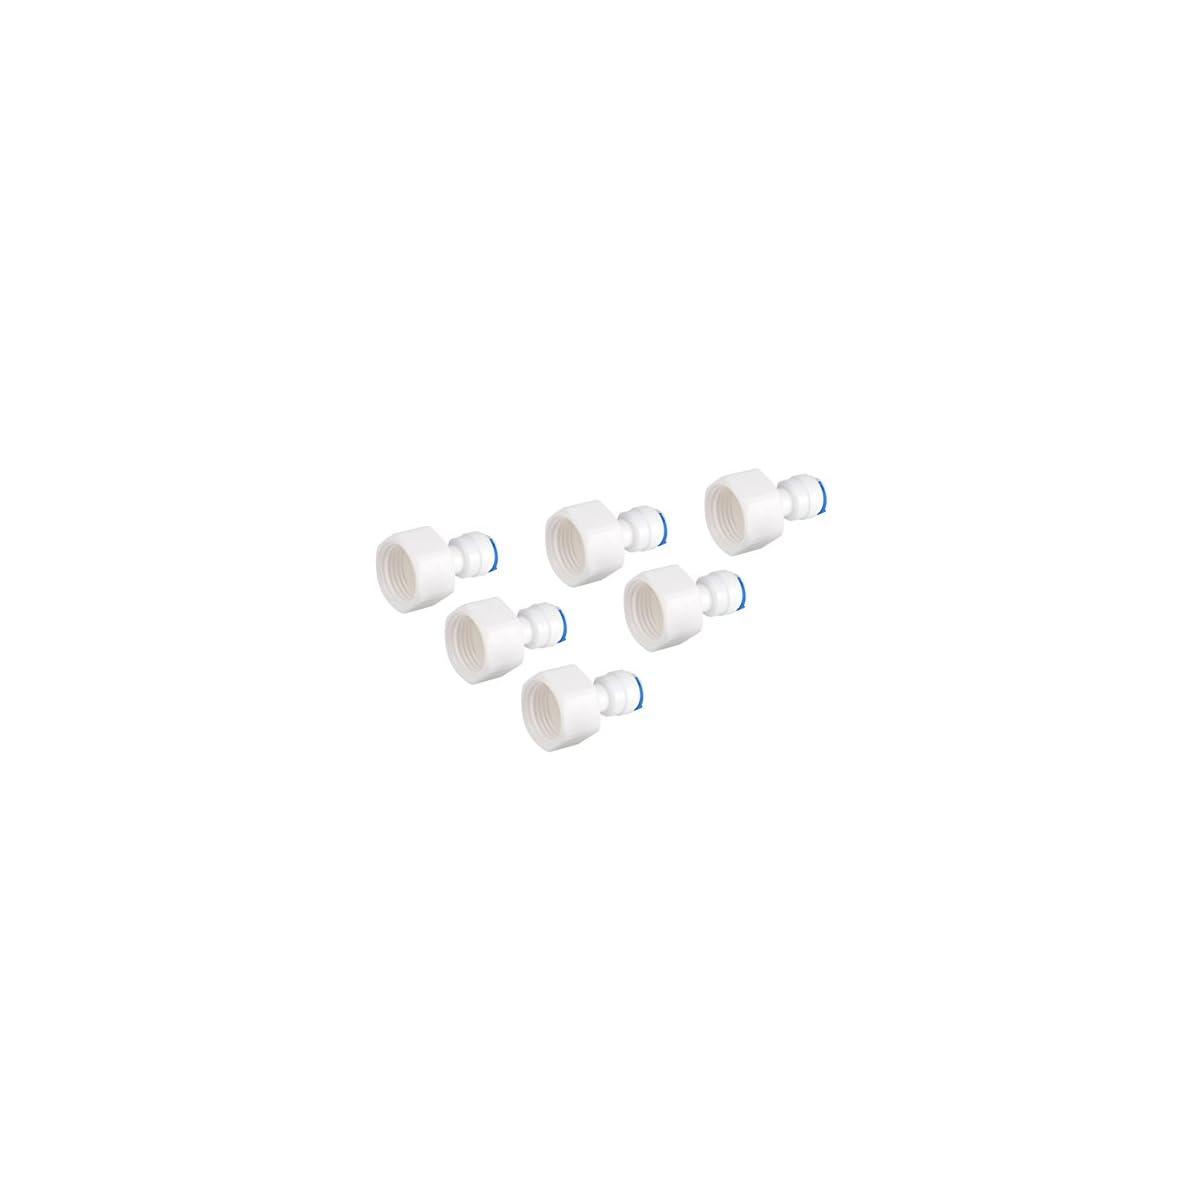 313YusaukKL. SS1200  - Conector Rápido 1/4 Tubo OD a 1/2 Empuje Hembra En Conector Rápido Para ósmosis Inversa De Filtro De Agua 6pcs